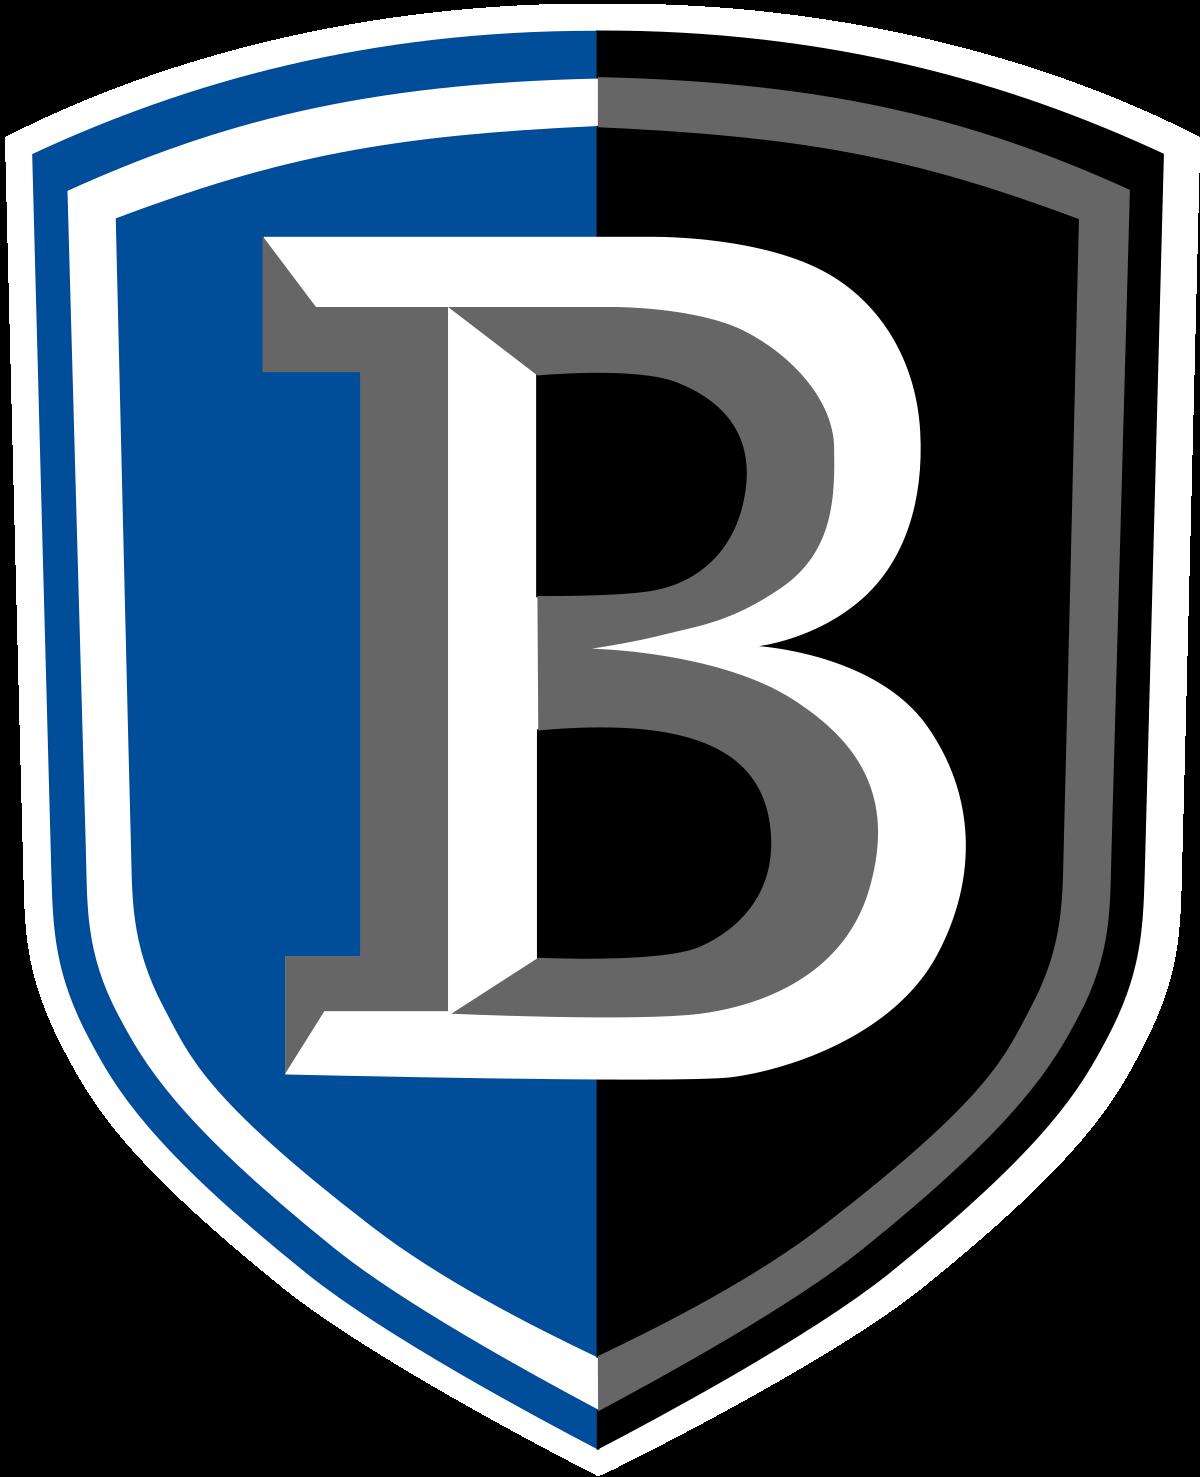 Falcon basketball clipart clipart Bentley Falcons - Wikipedia clipart